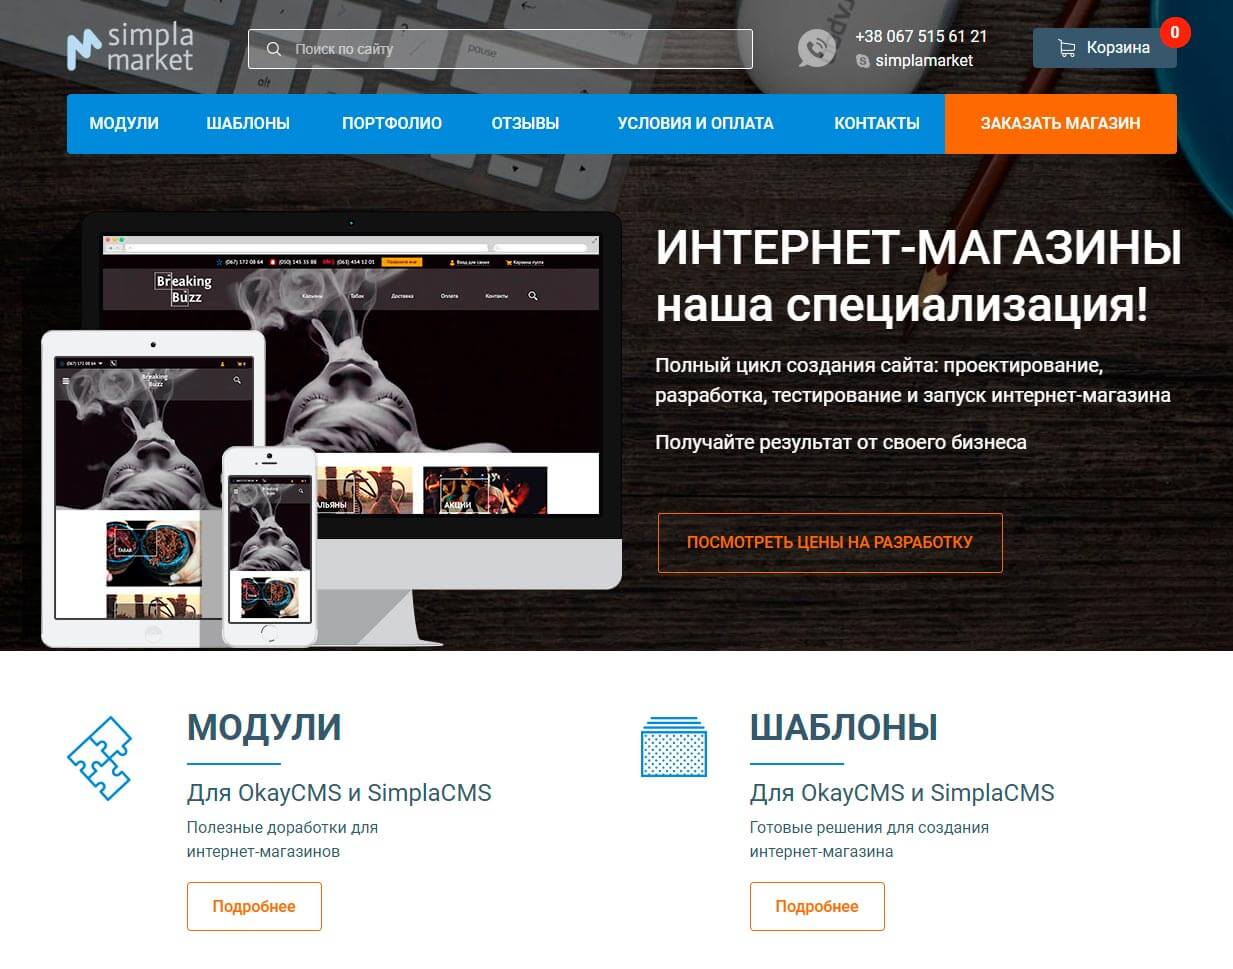 Simplamarket - обзор компании, услуги, отзывы, клиенты, Фото № 1 - google-seo.pro